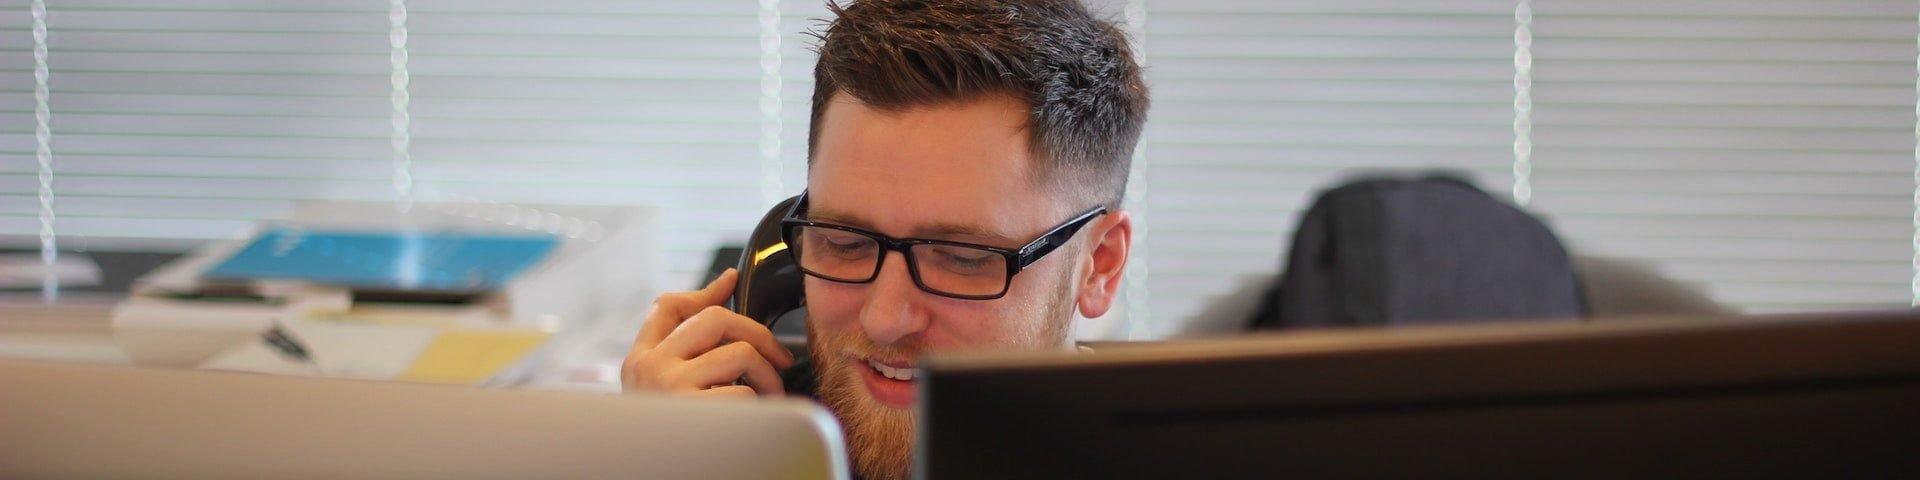 nieuws-telefonische-support